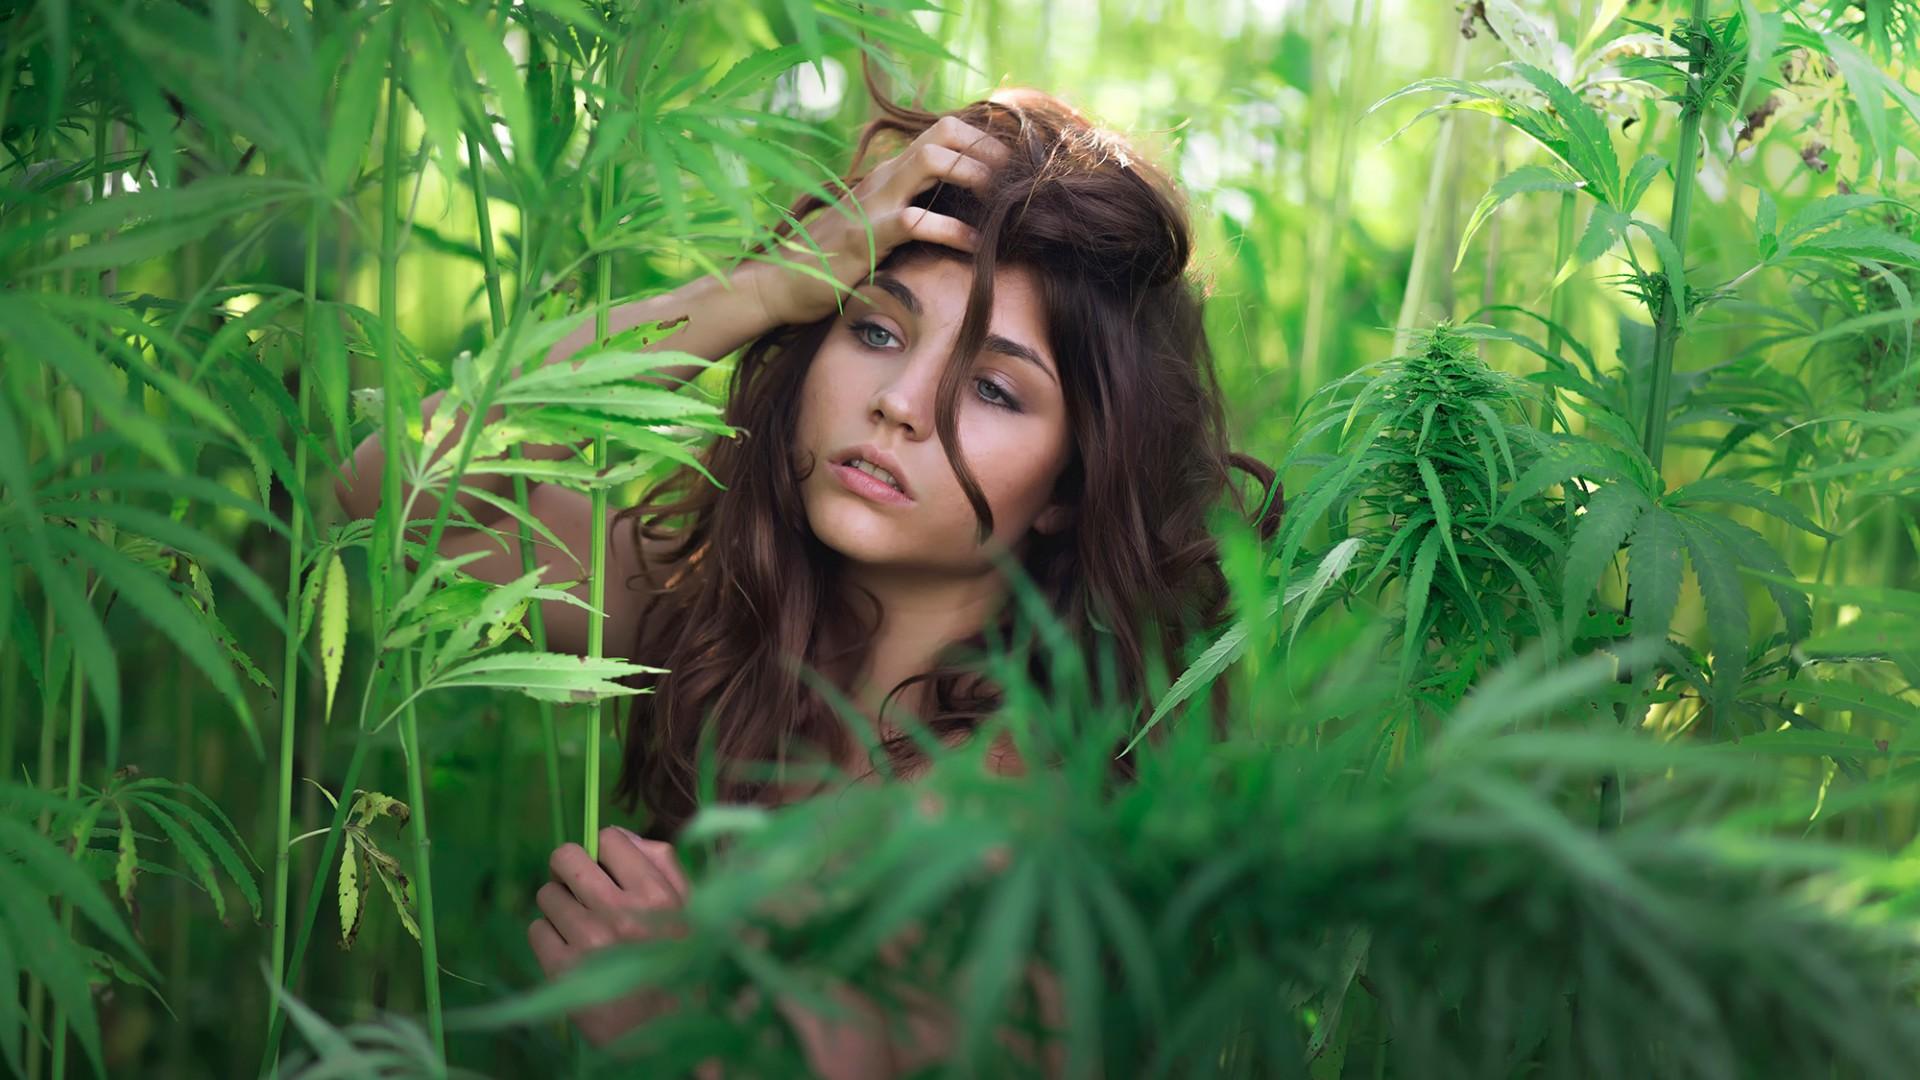 والپیپر دختر قشنگ در میان گیاهان سبز